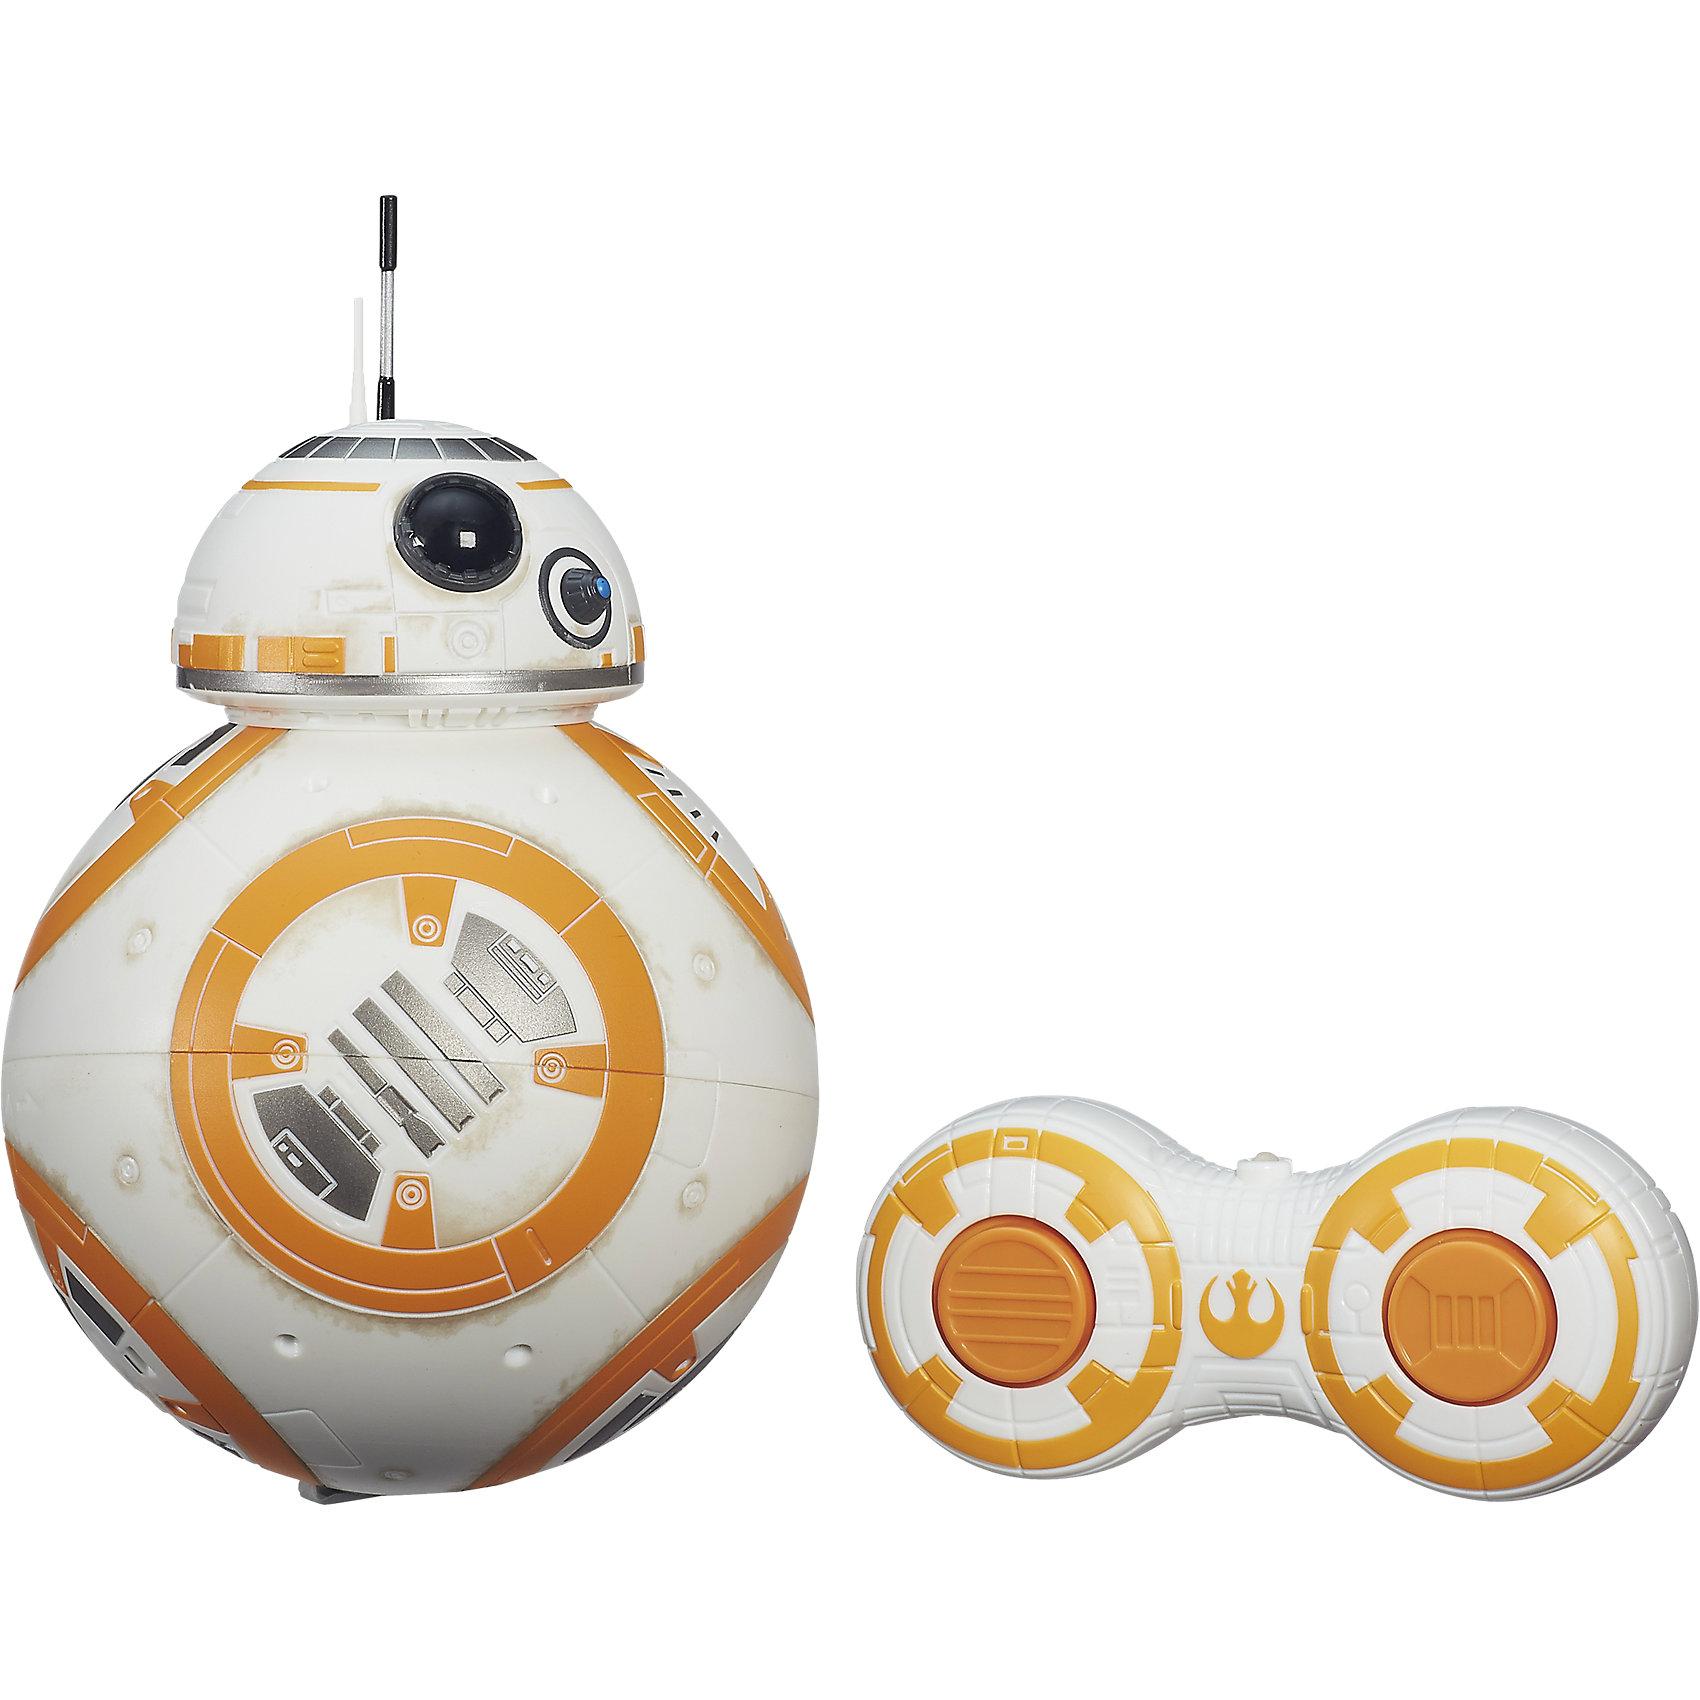 Дроид BB-8 с пультом управления, Звездные войны